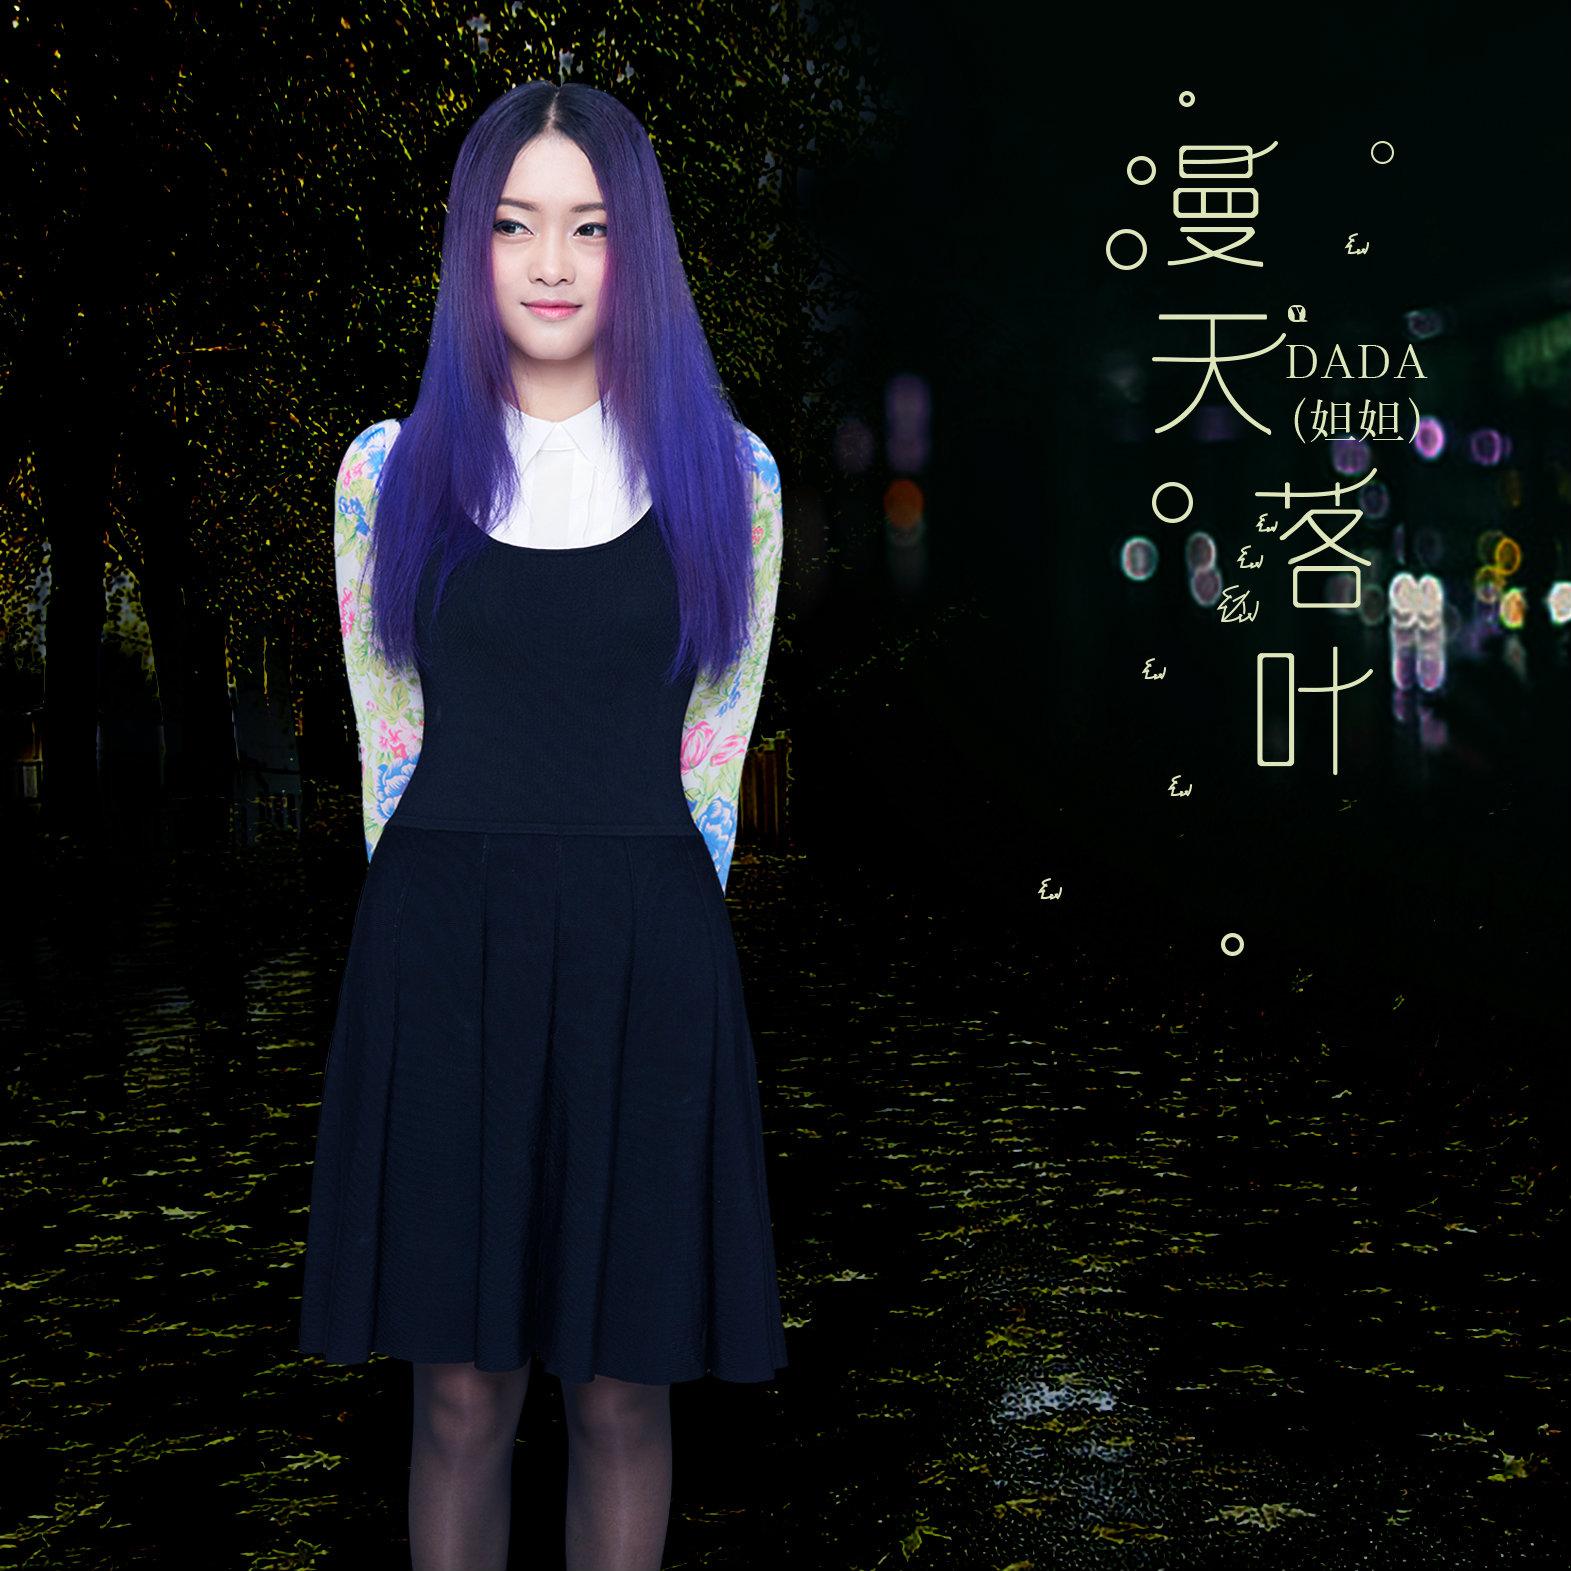 歌手dada妲妲个人资料_dada(妲妲) - 漫天落叶 (伴奏)